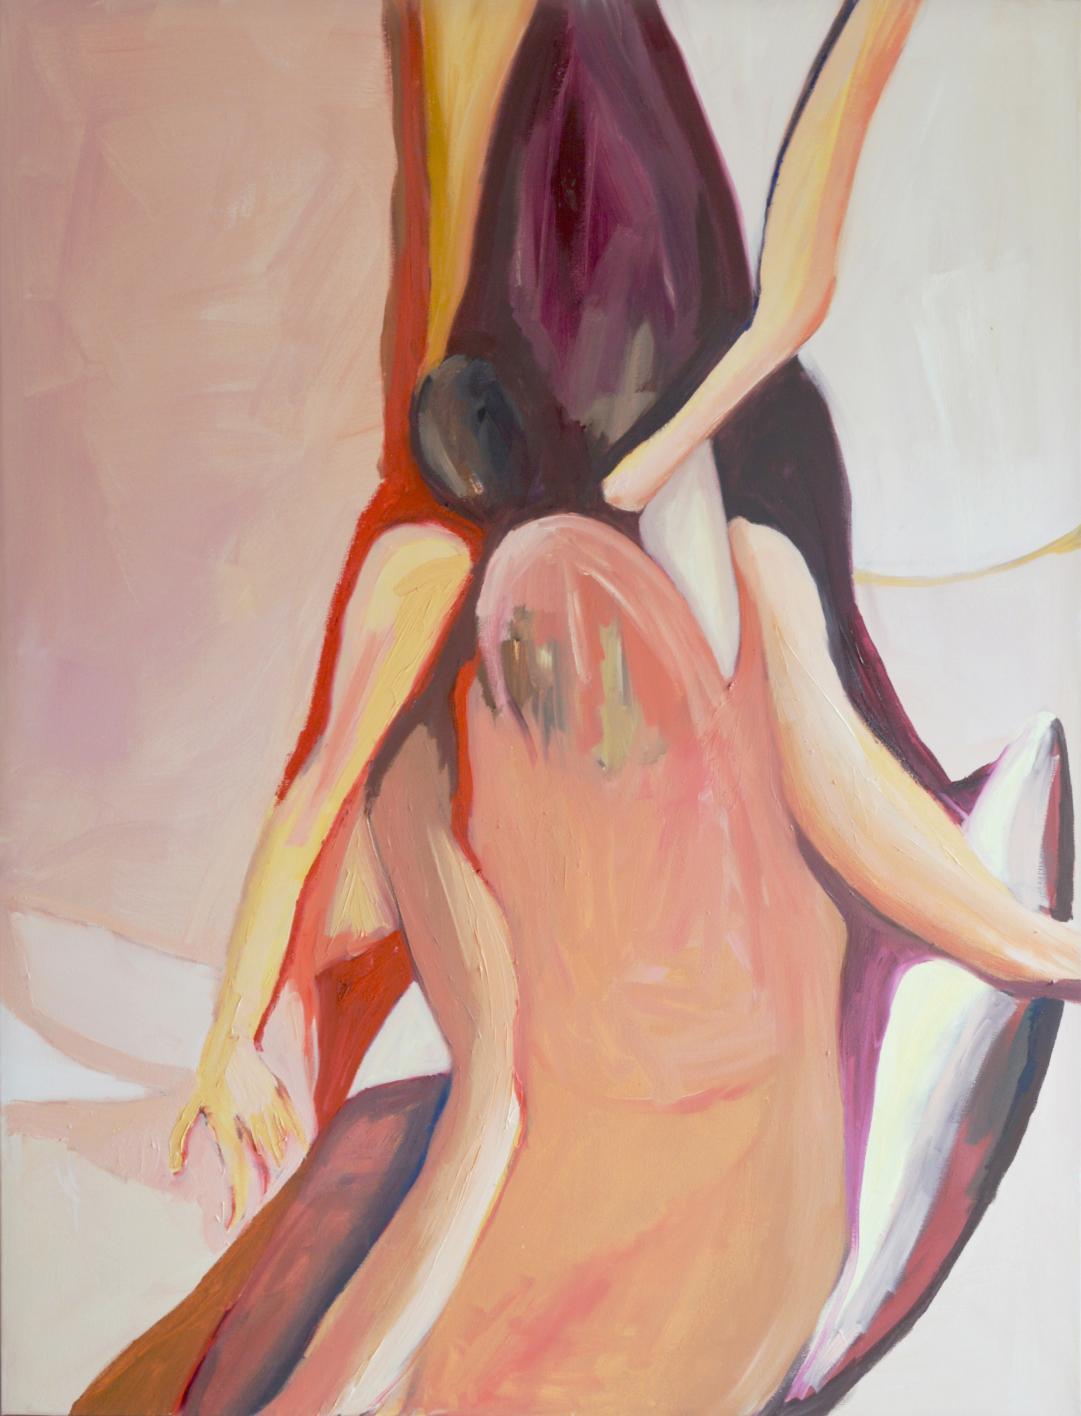 Homúnculo II (2021) - Elisa Pinto